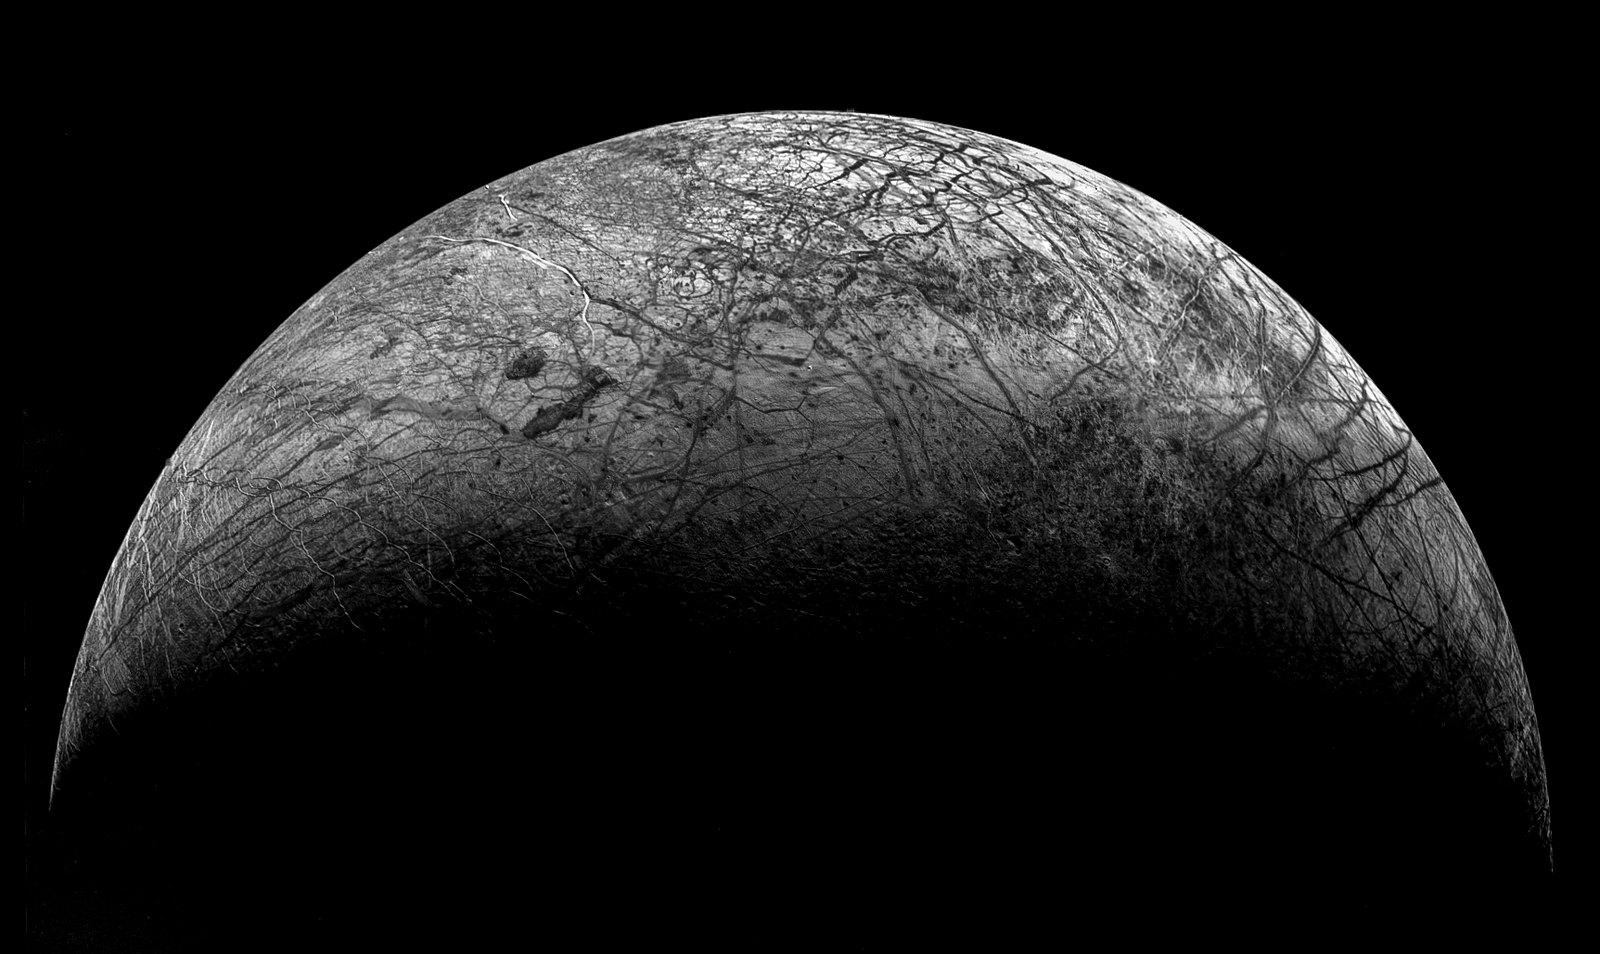 Europa - July 9 1979